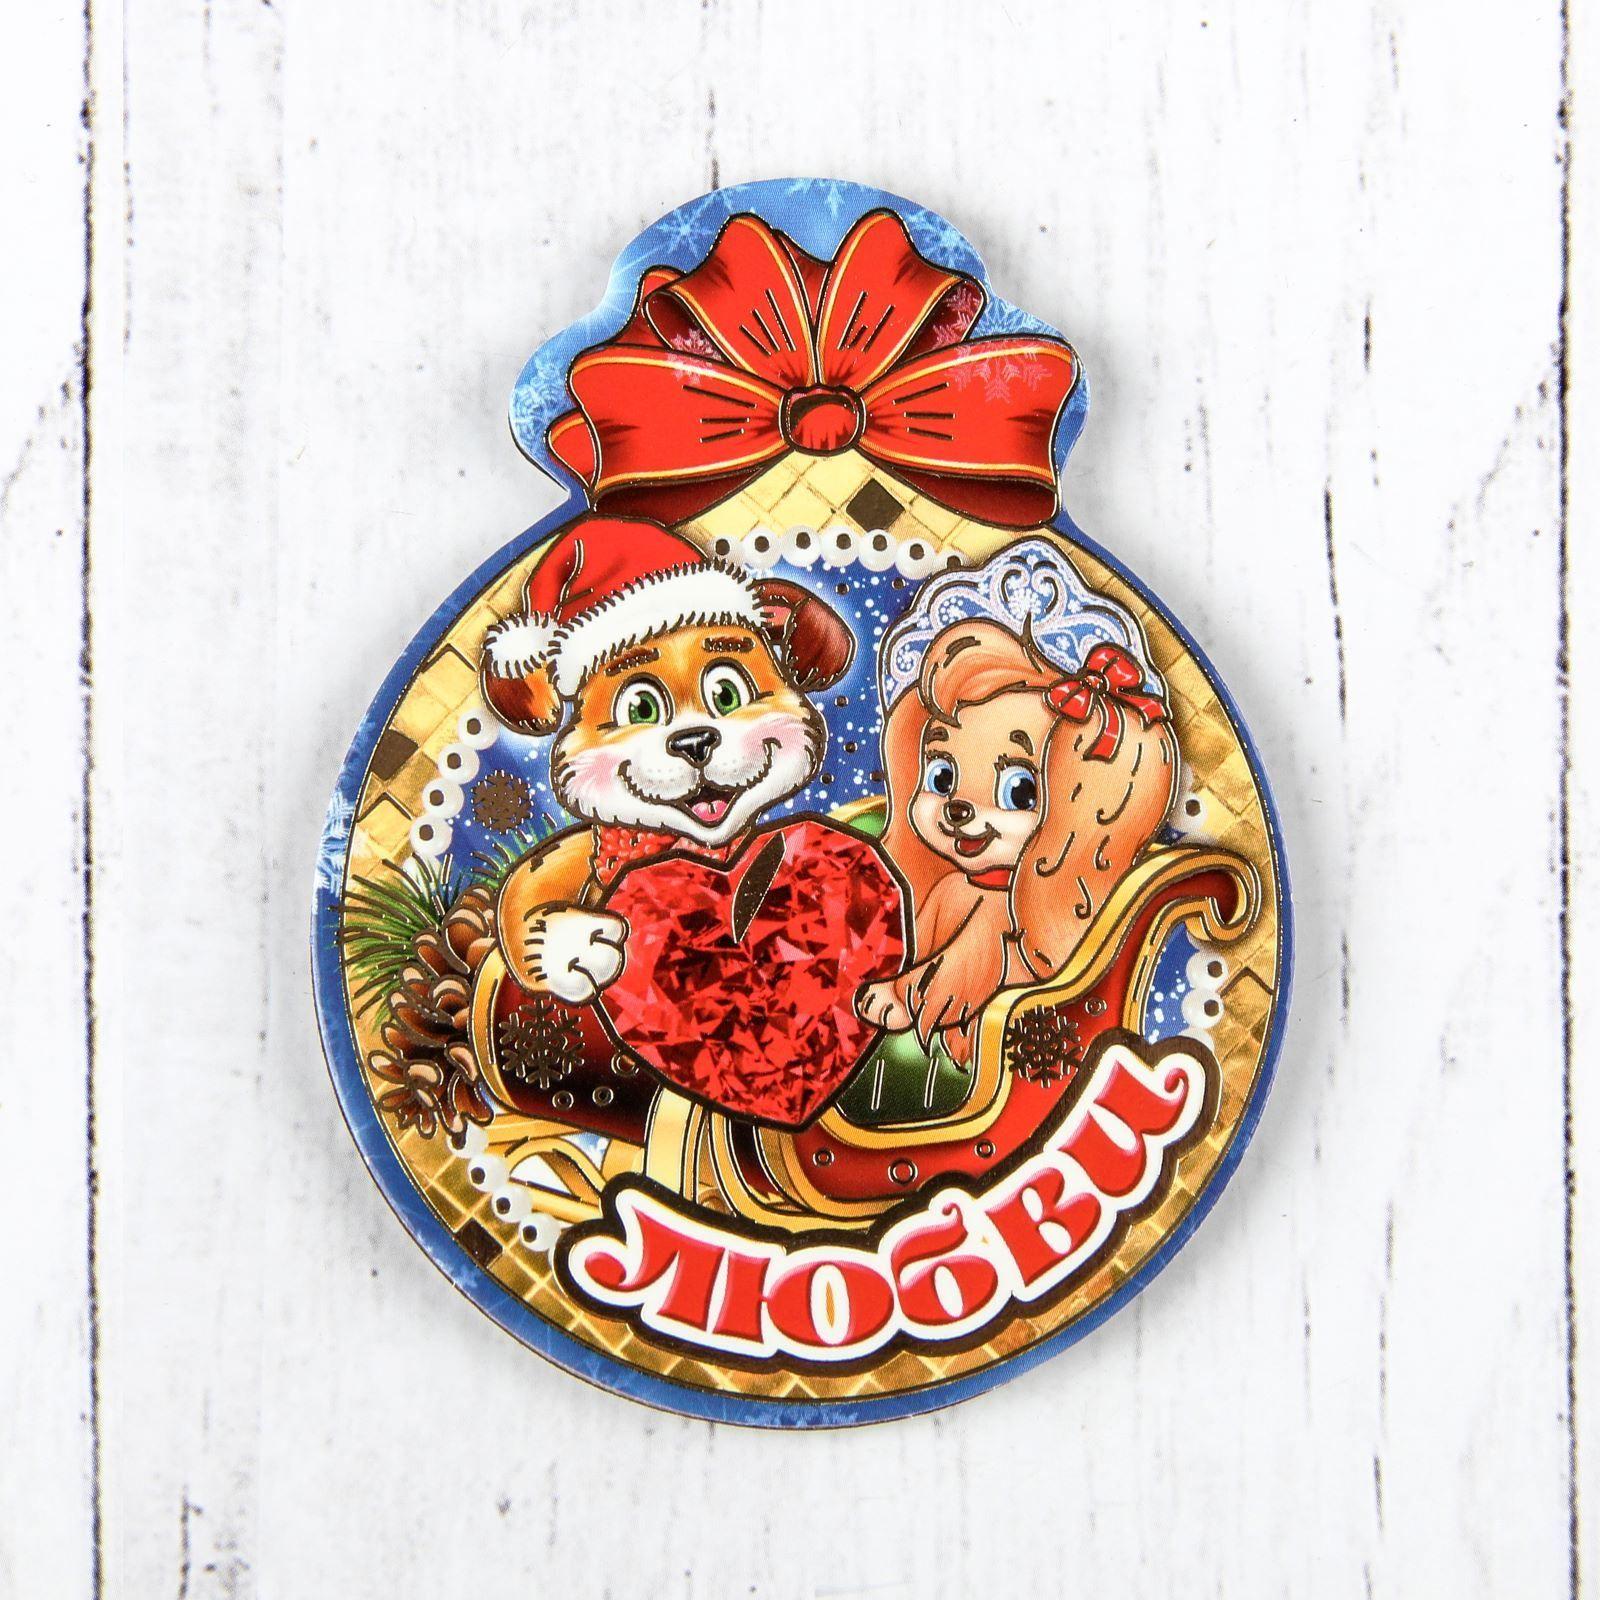 Магнит Sima-land Новогодний. 2018, 9,5 х7,5 см. 25323892532389Порадуйте родных и близких оригинальным сувениром: преподнесите в подарок магнит. С ним даже самый серьёзный человек почувствует себя ребёнком, ожидающим чудо! Создайте праздничное настроение, и оно останется с вами на весь год.